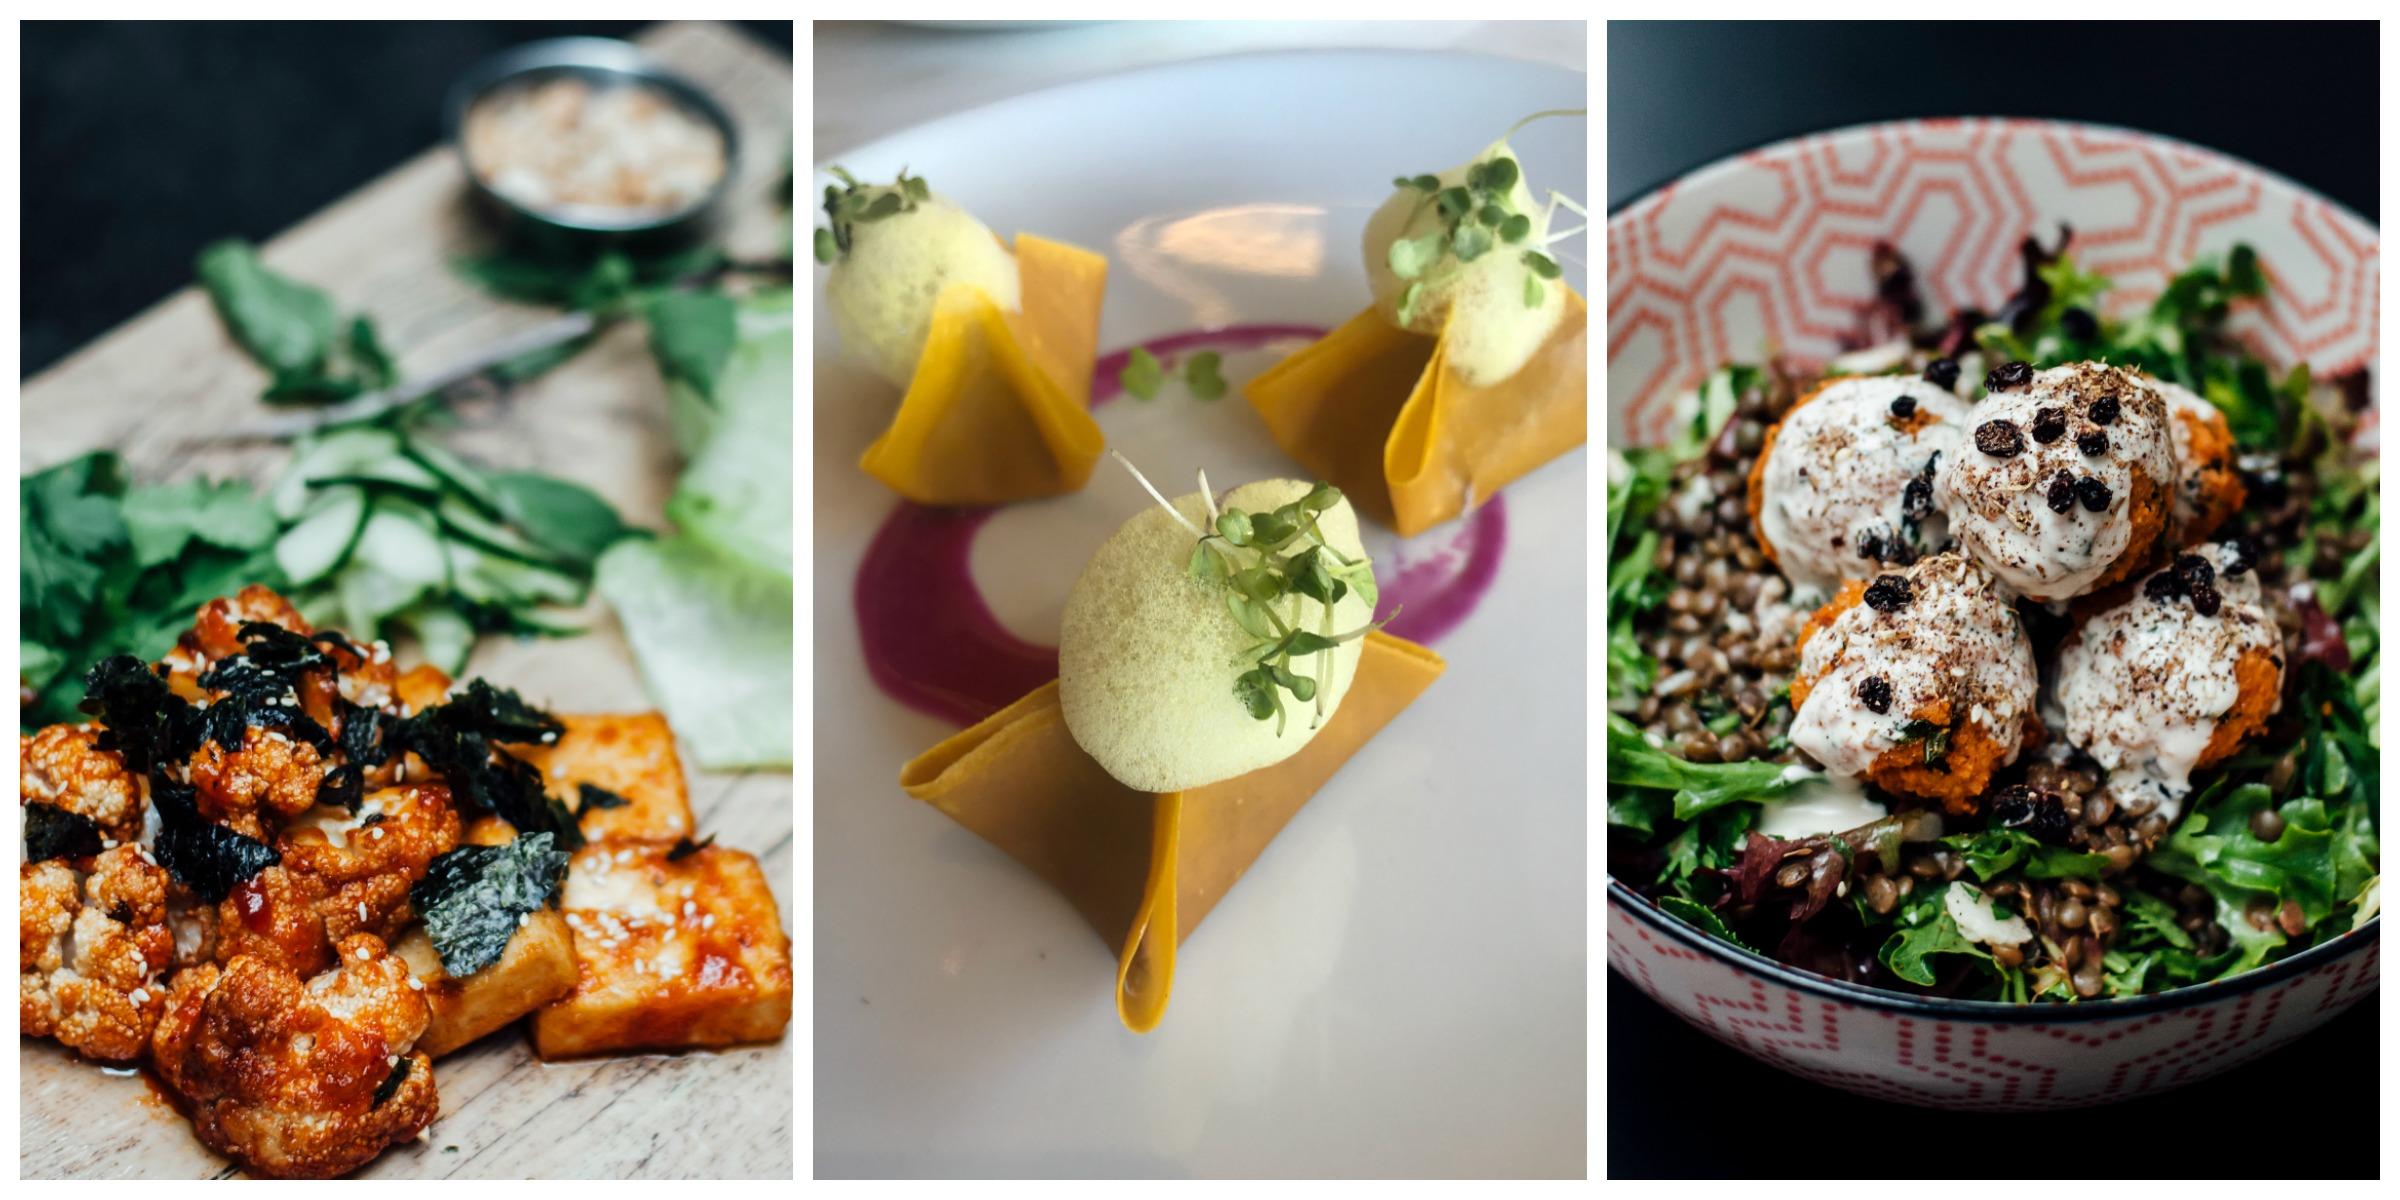 Where to eat Vegan in Miami 2019